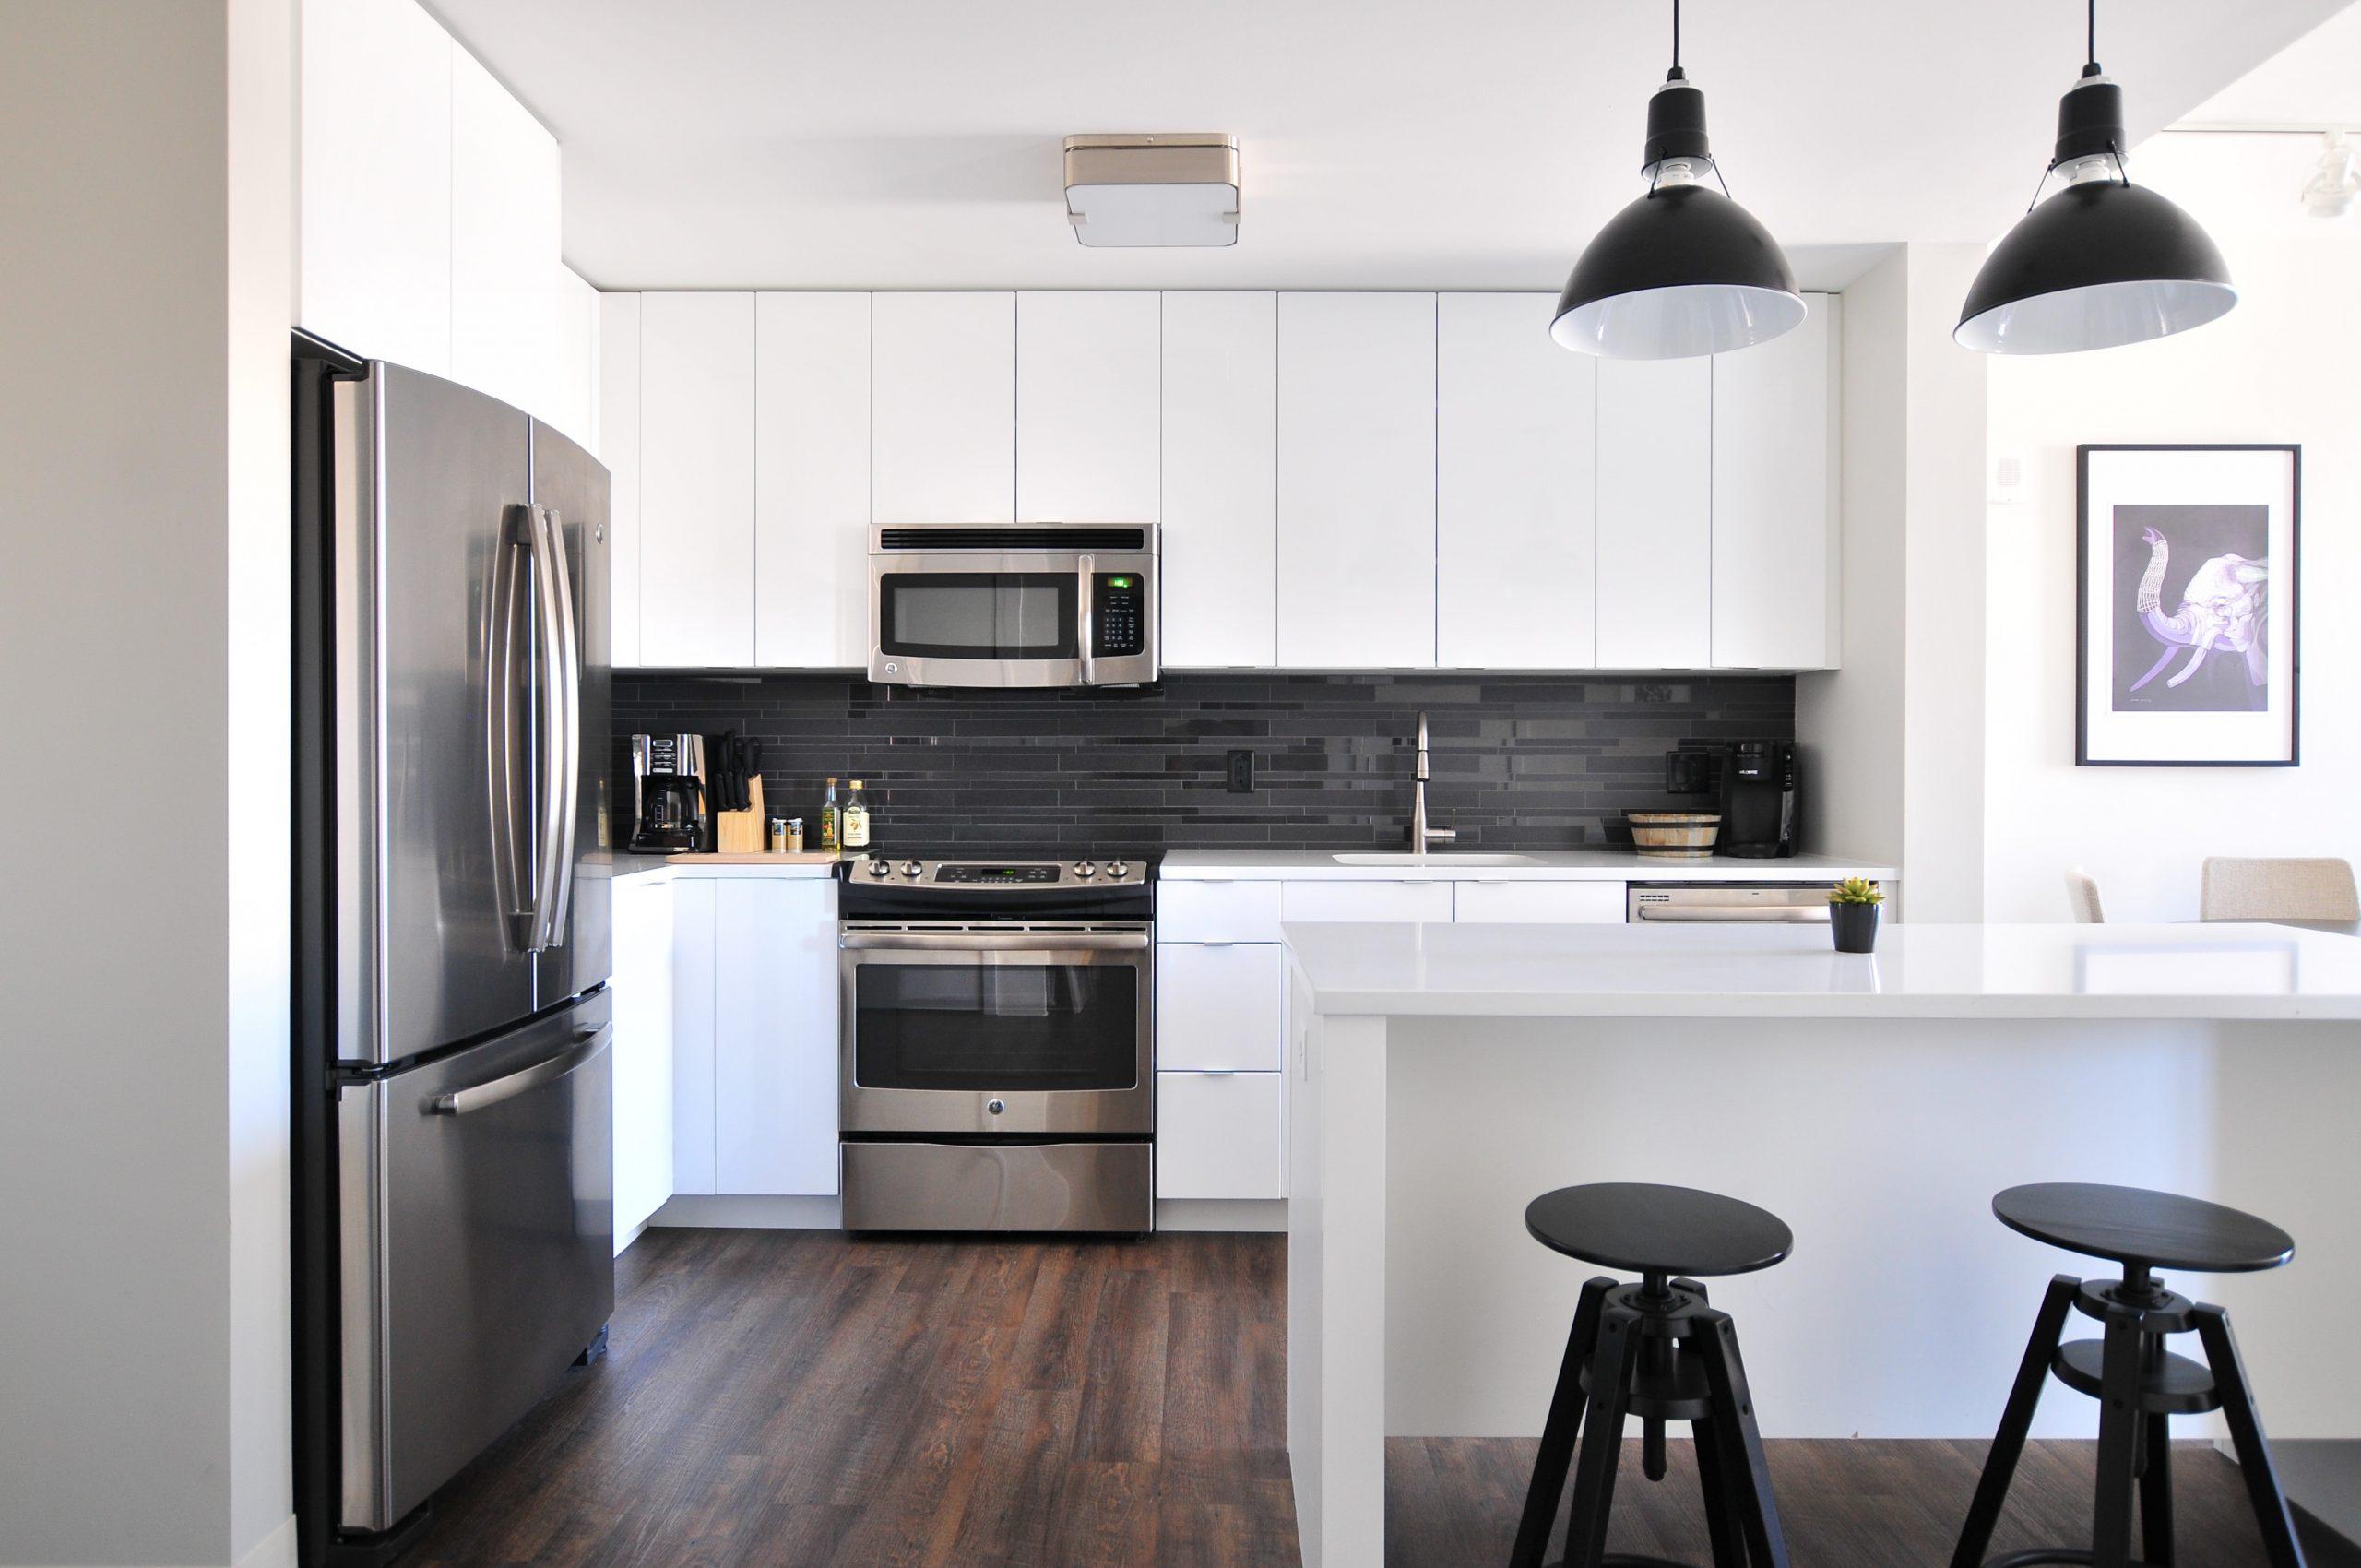 Quel est le prix moyen d'une cuisine équipée ?